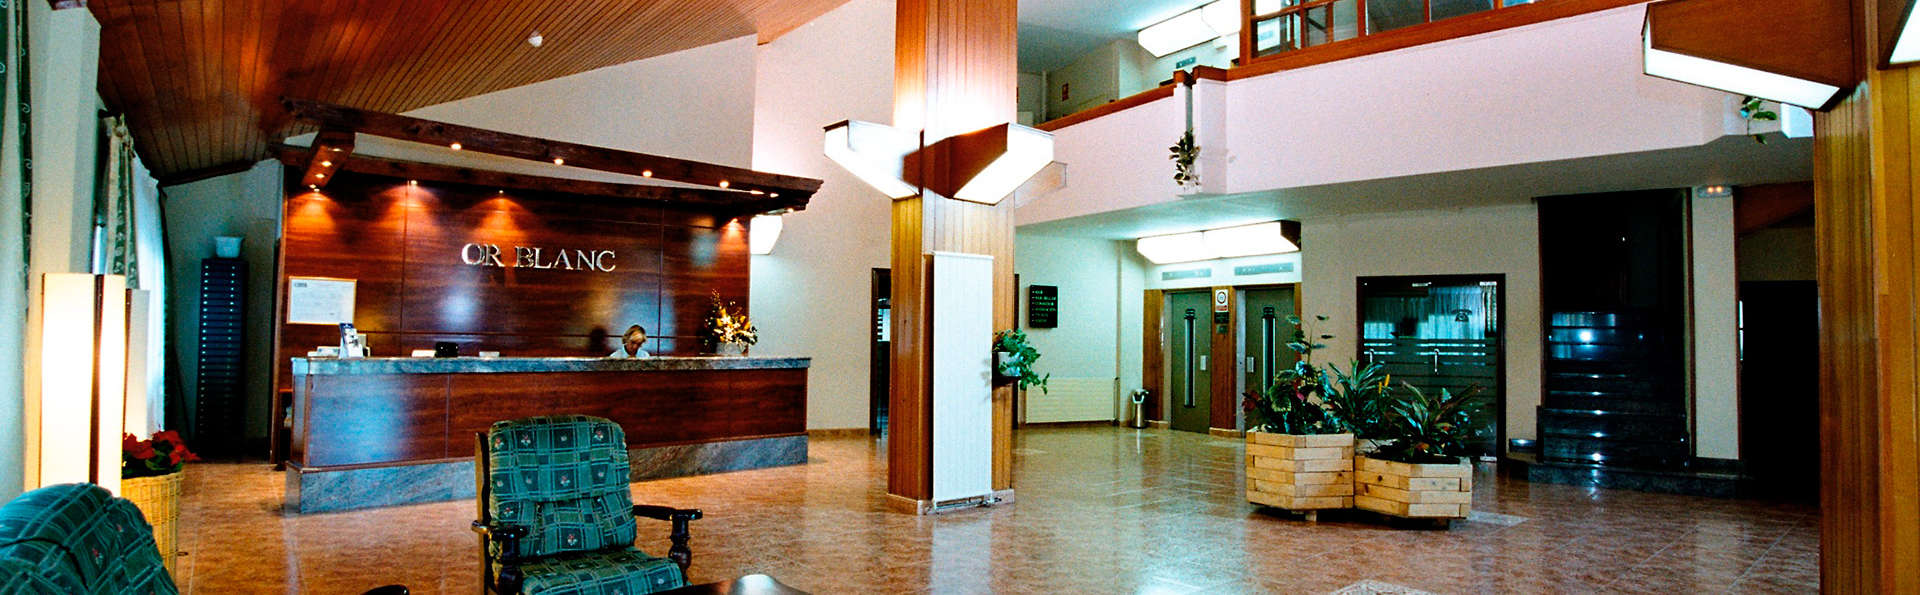 Hotel Or Blanc - EDIT_reception.jpg